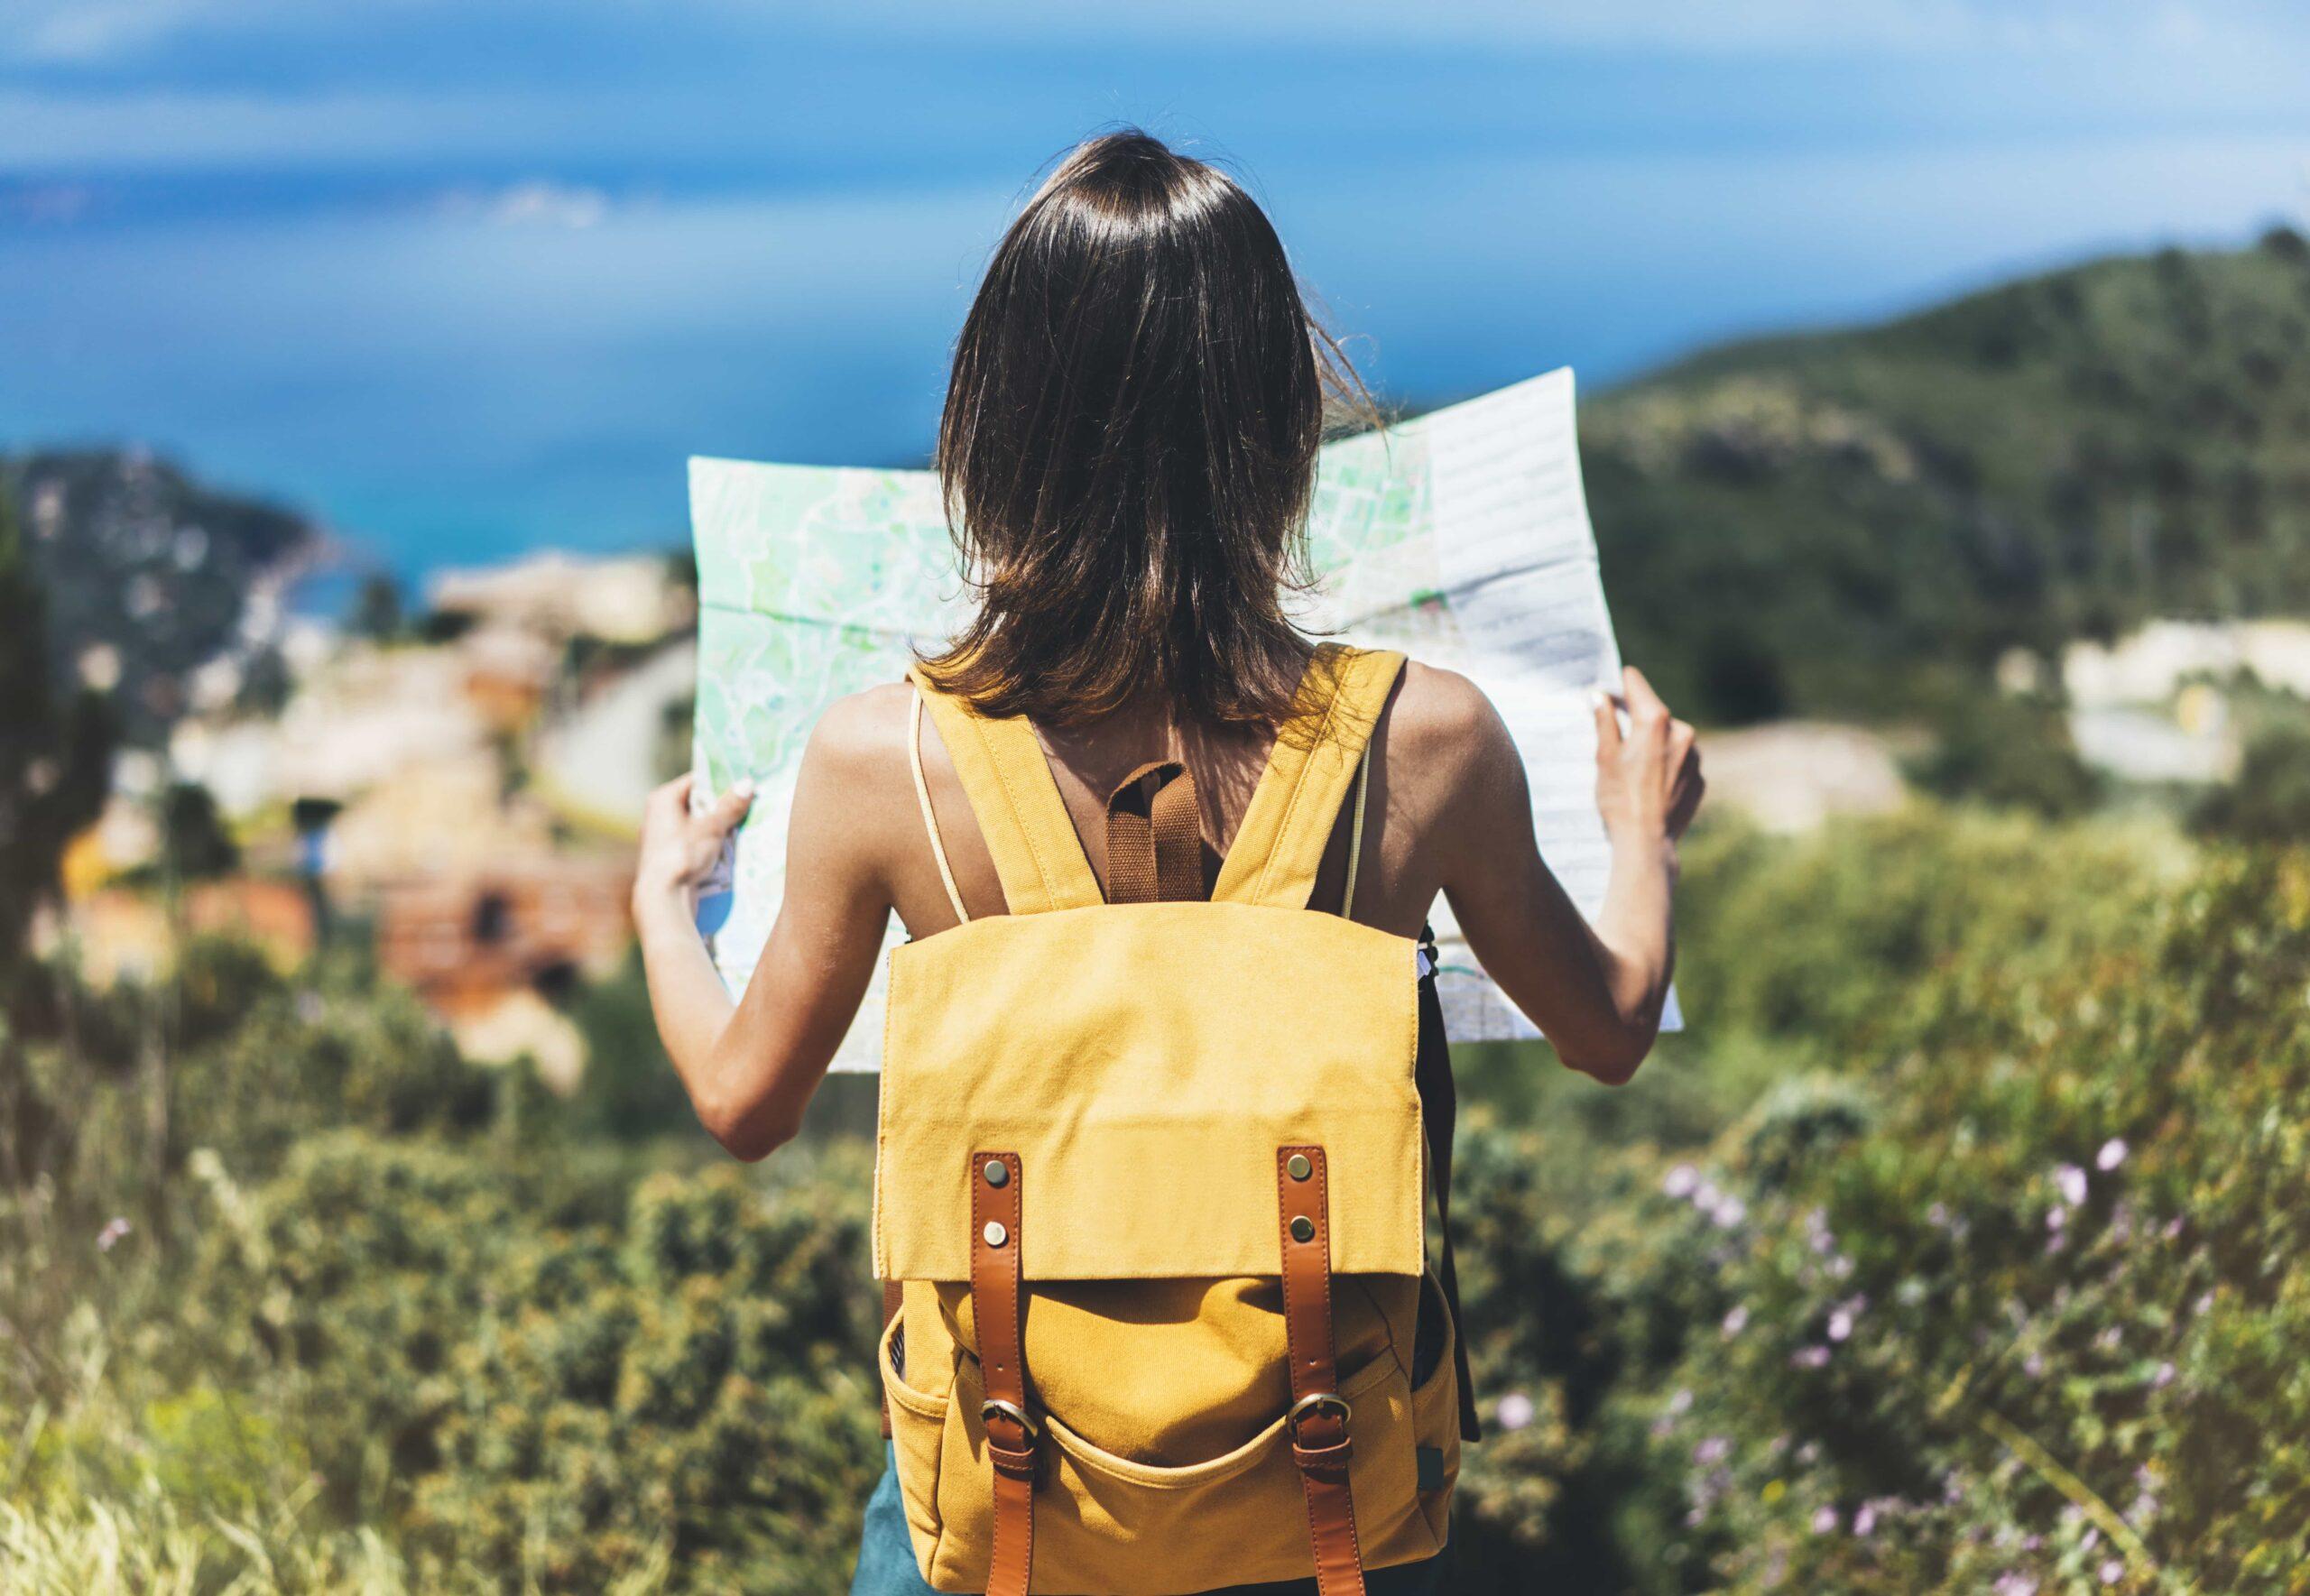 Viajar Sozinha – 6 Dicas para as Mulheres que se Fazem à Estrada